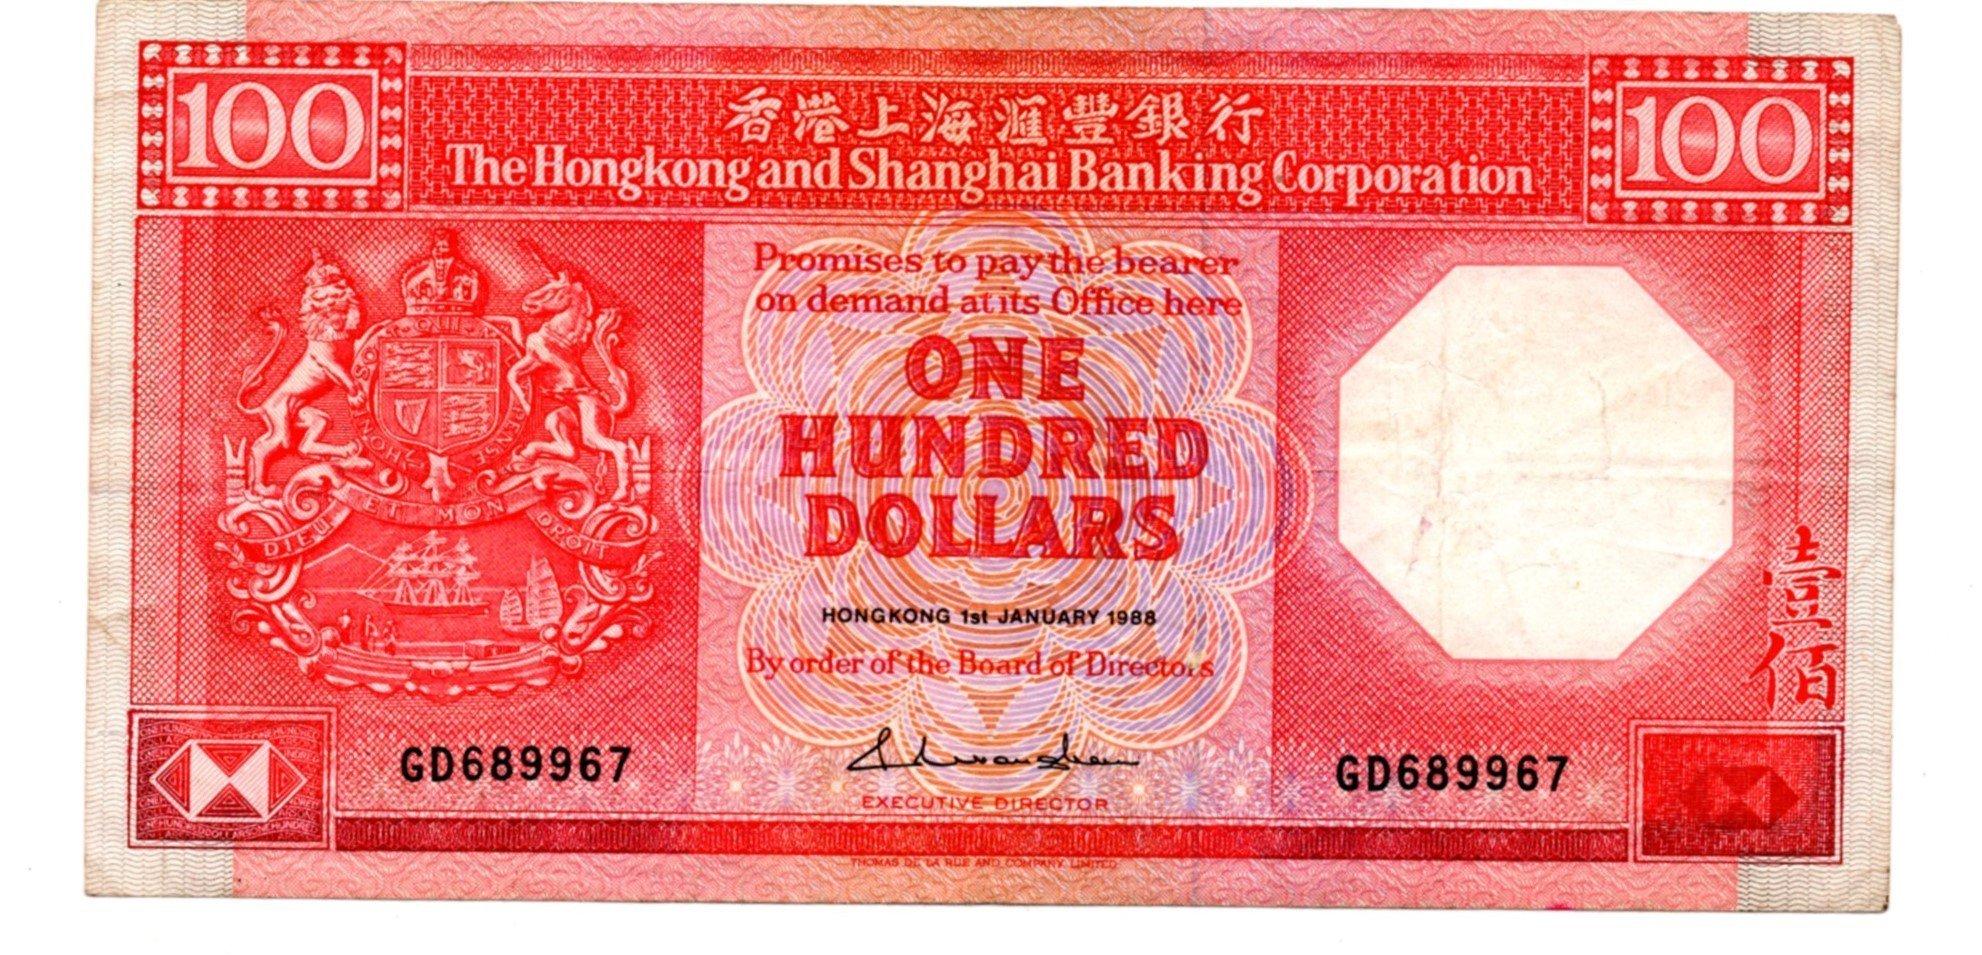 HK 100 dollars P198